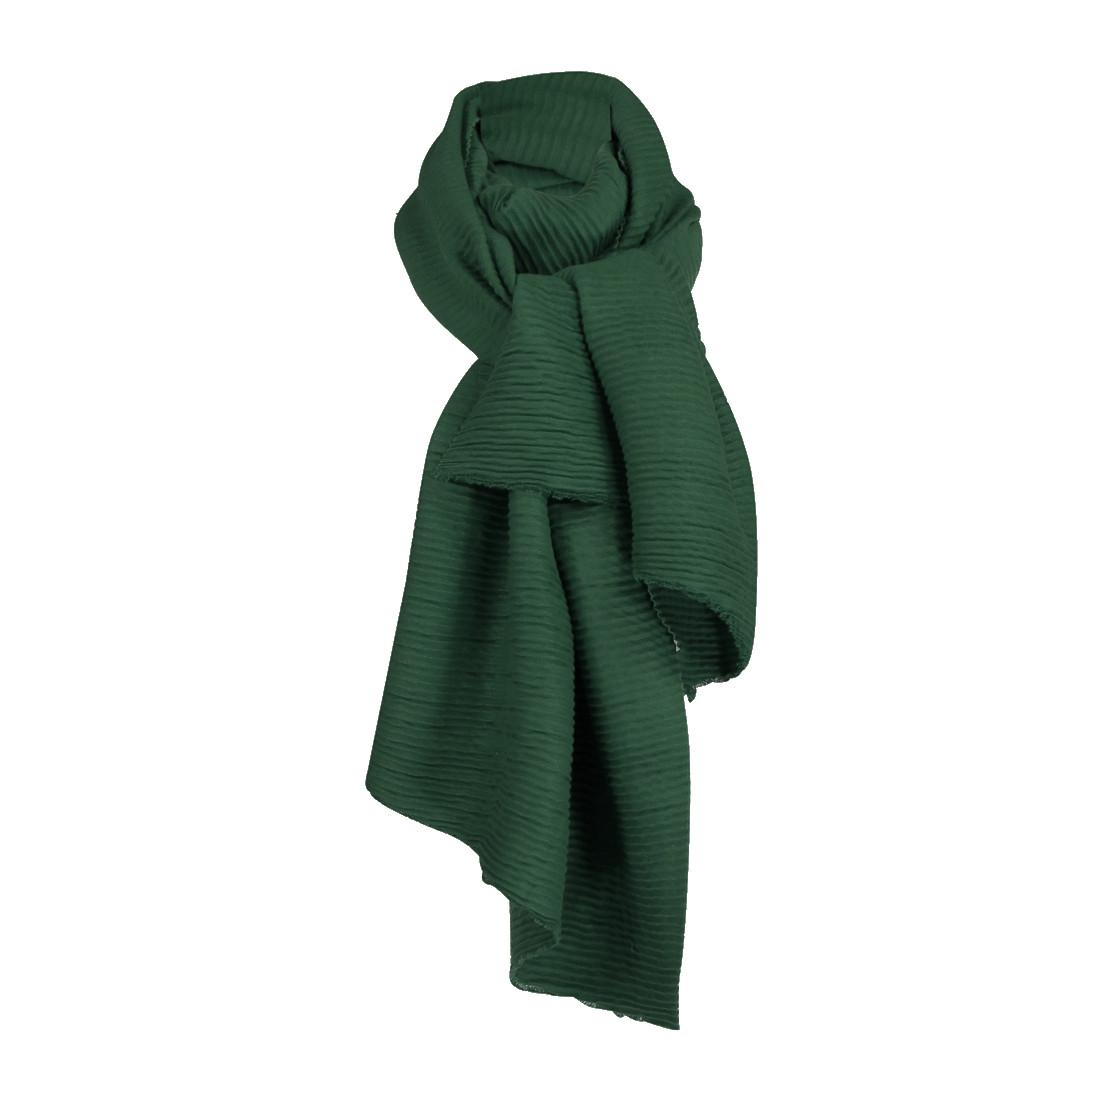 Romano accessoire 54761 in het Groen